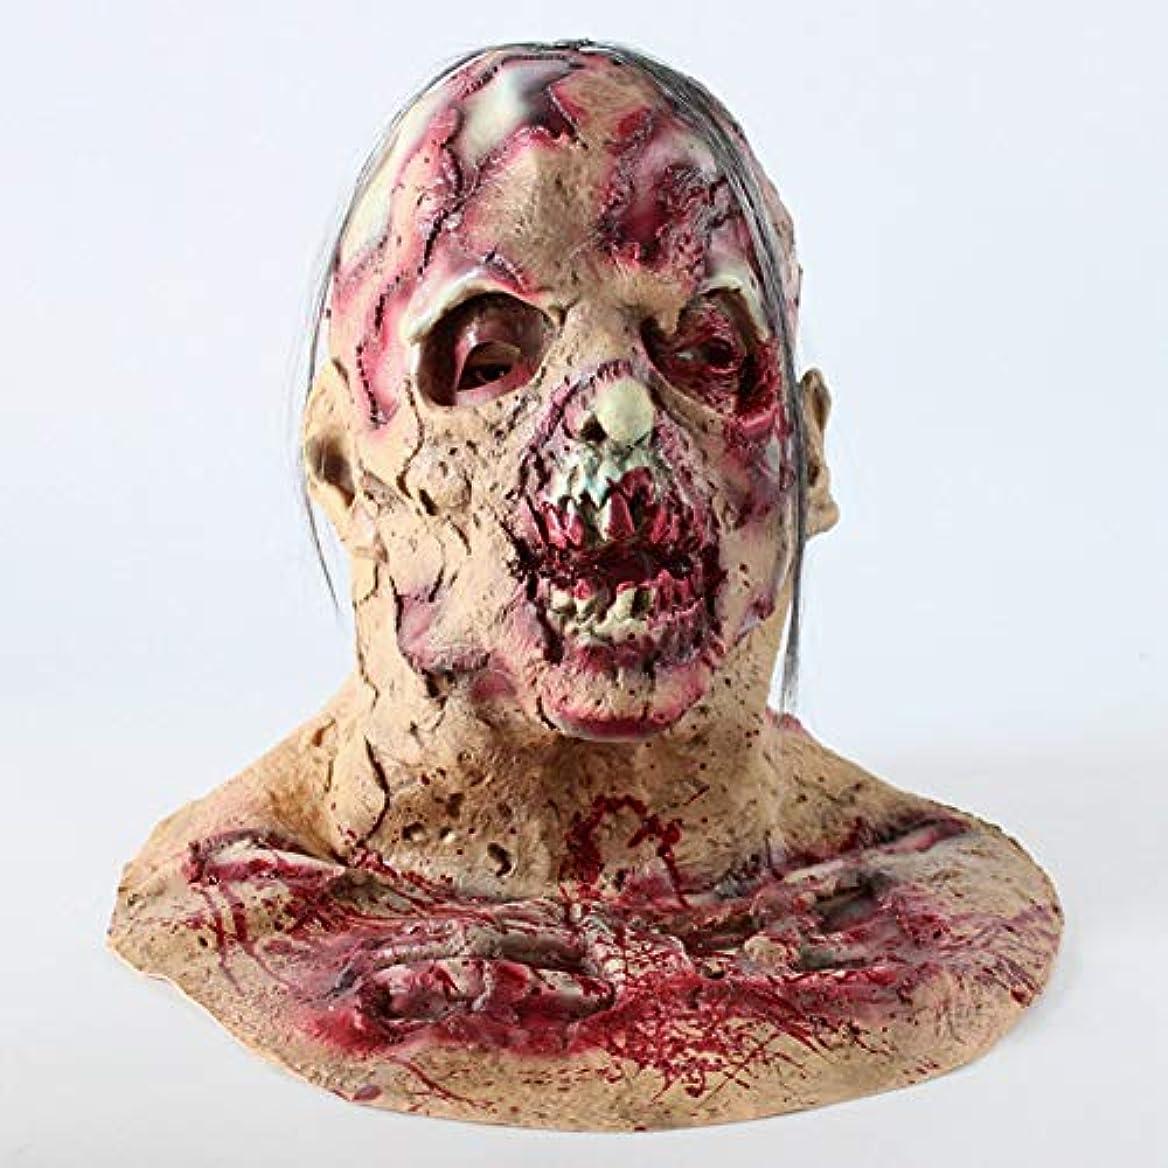 すり減る名前で同じハロウィーンホラーマスク、嫌なゾンビマスク、バイオハザードヘッドマスク、パーティー仮装ラテックスマスク